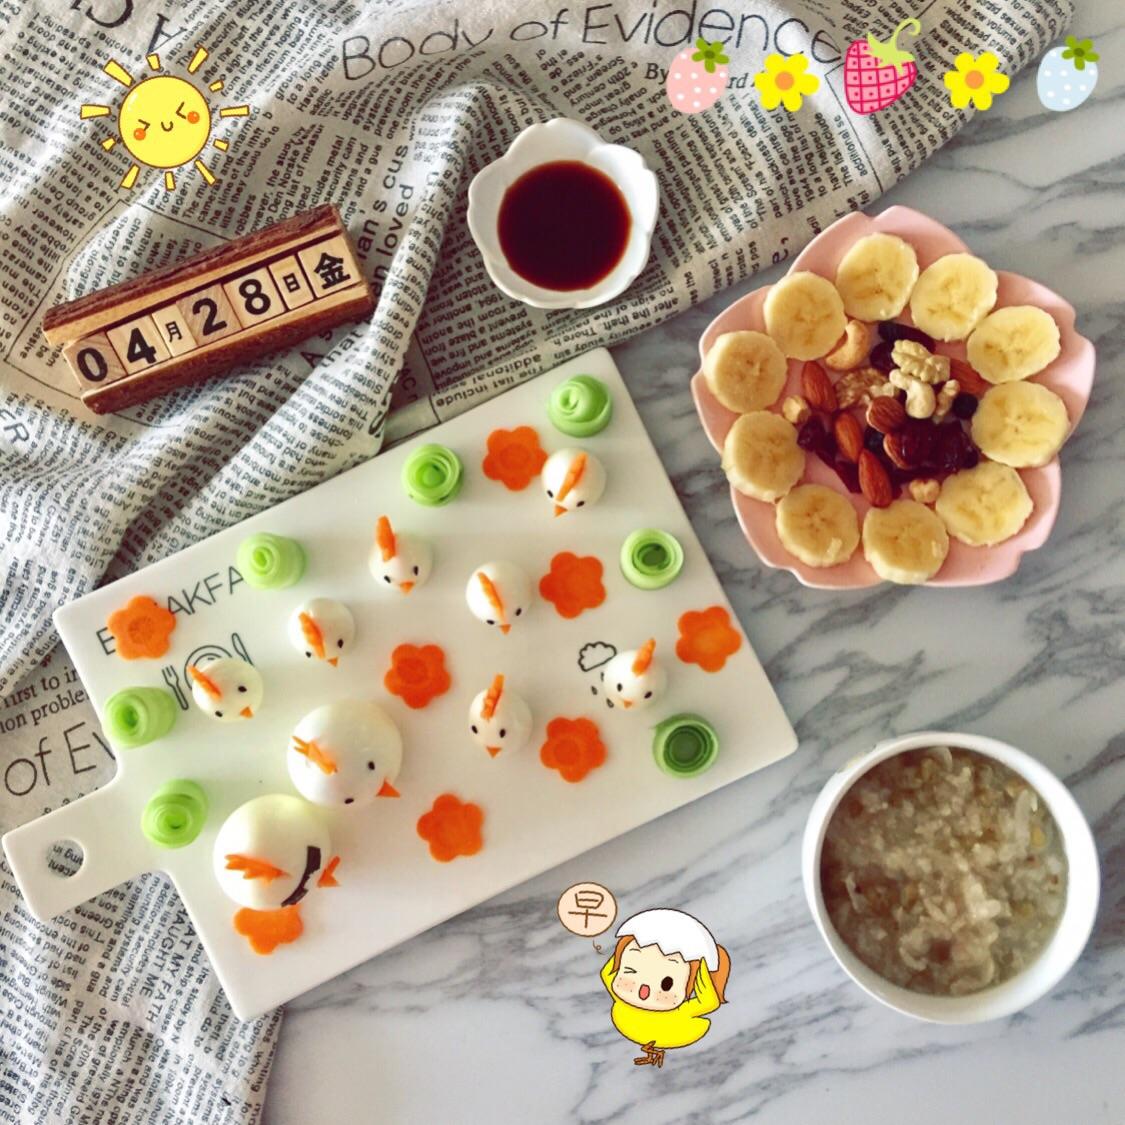 儿童早餐—快乐的小鸡一家的做法图解12